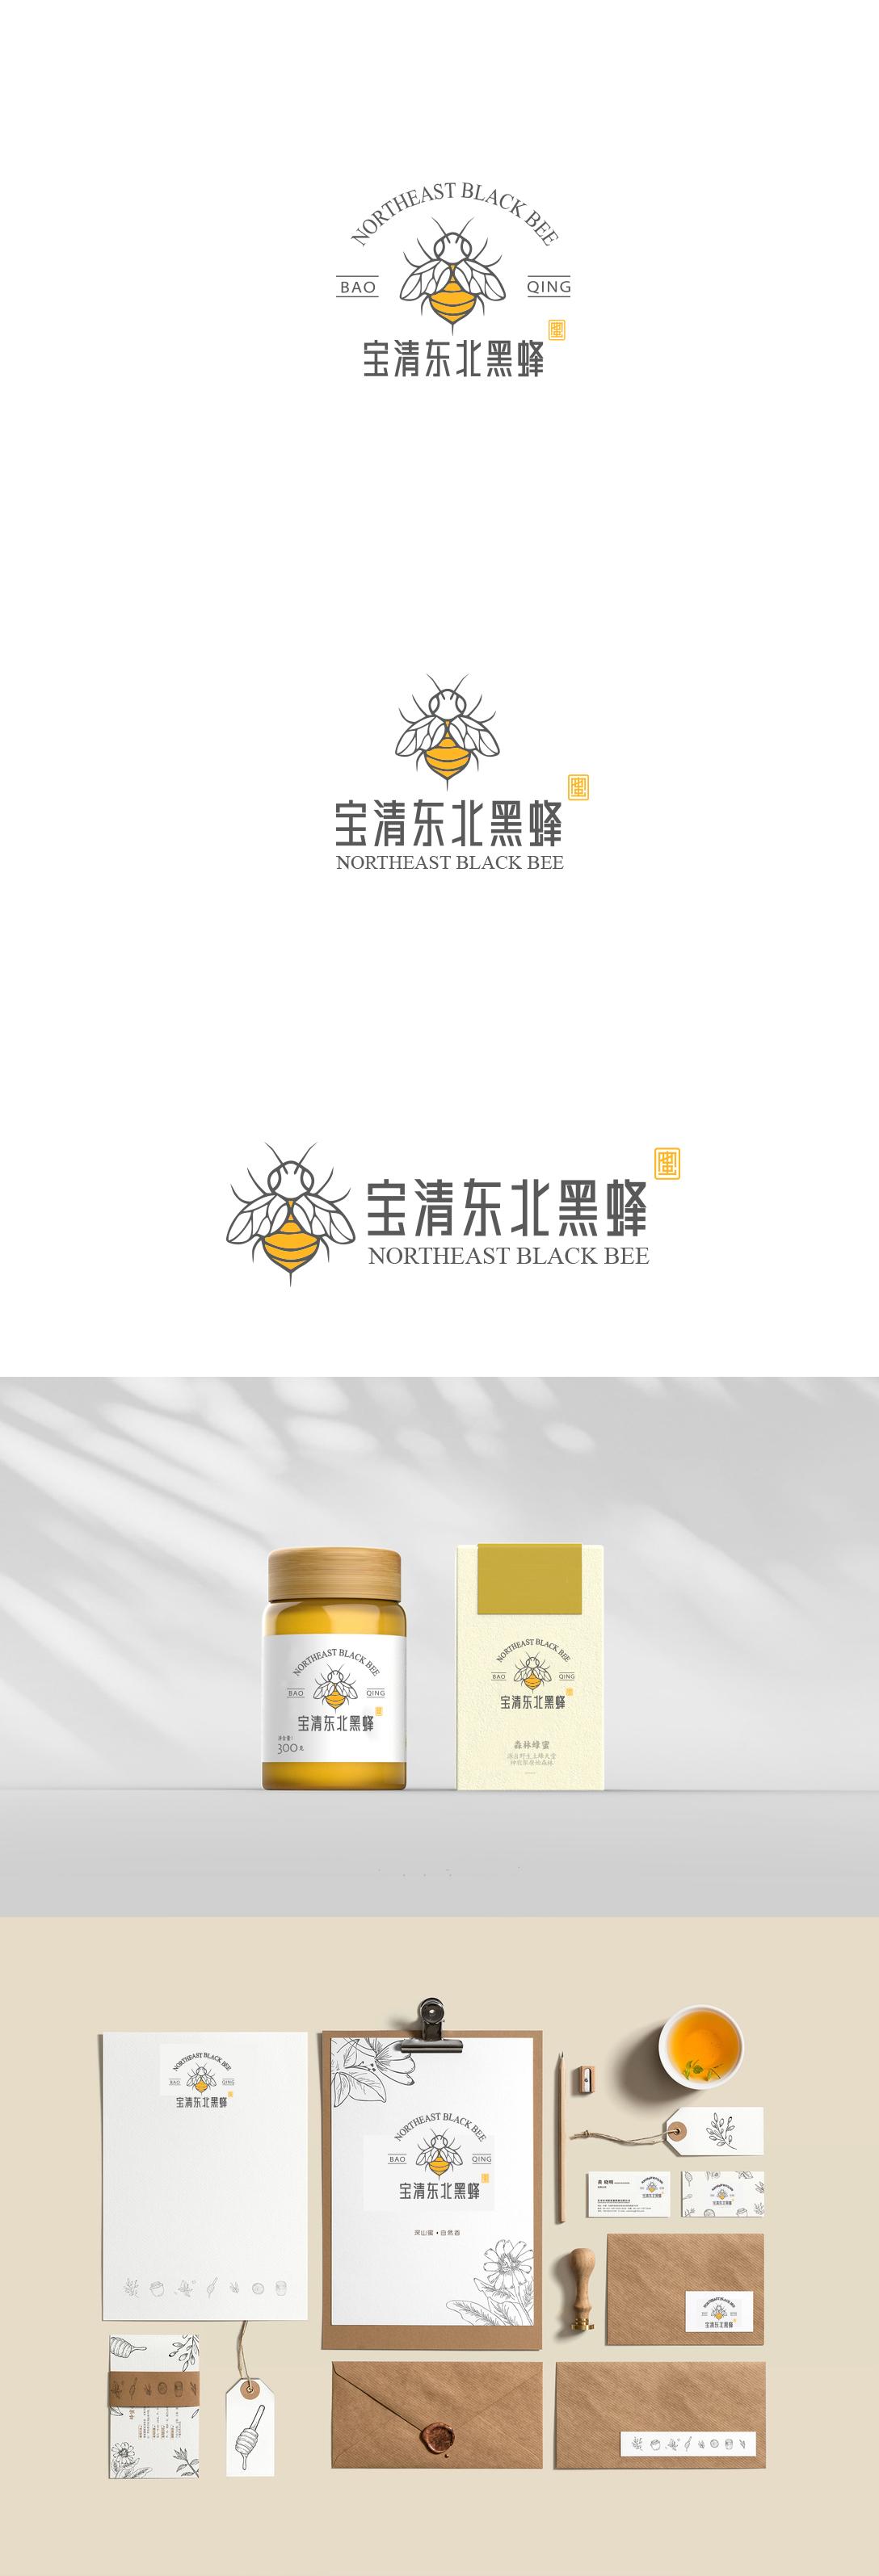 东北宝清黑蜂蜜品牌logo设计